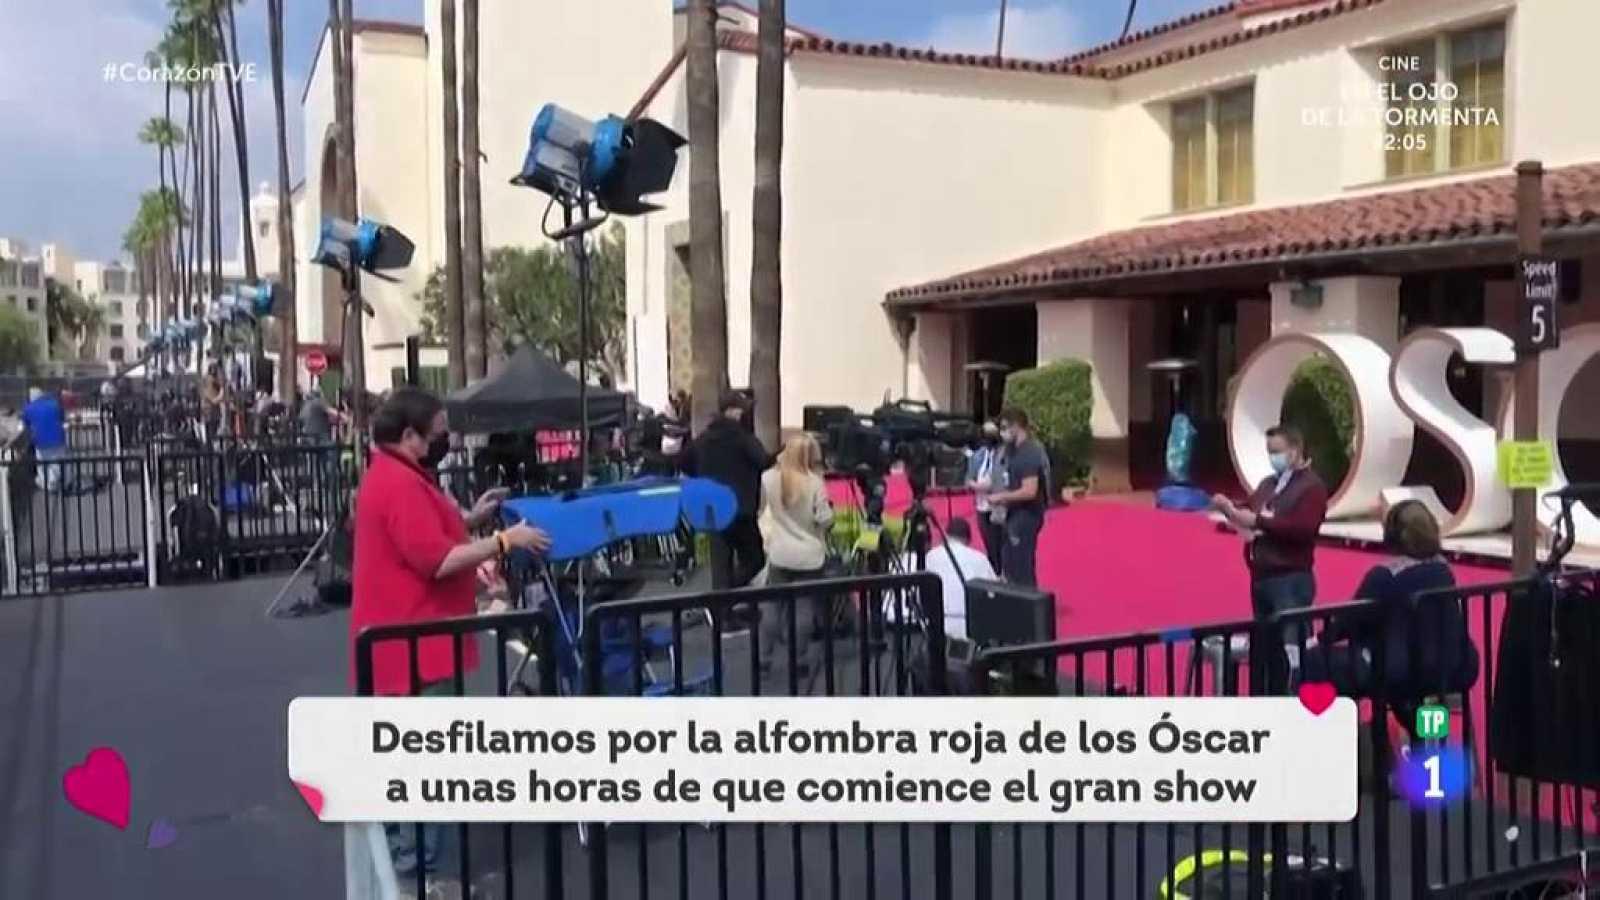 Corazón - Los Ángeles y el Union Station se preparan para la ceremonia de entrega de los Oscar